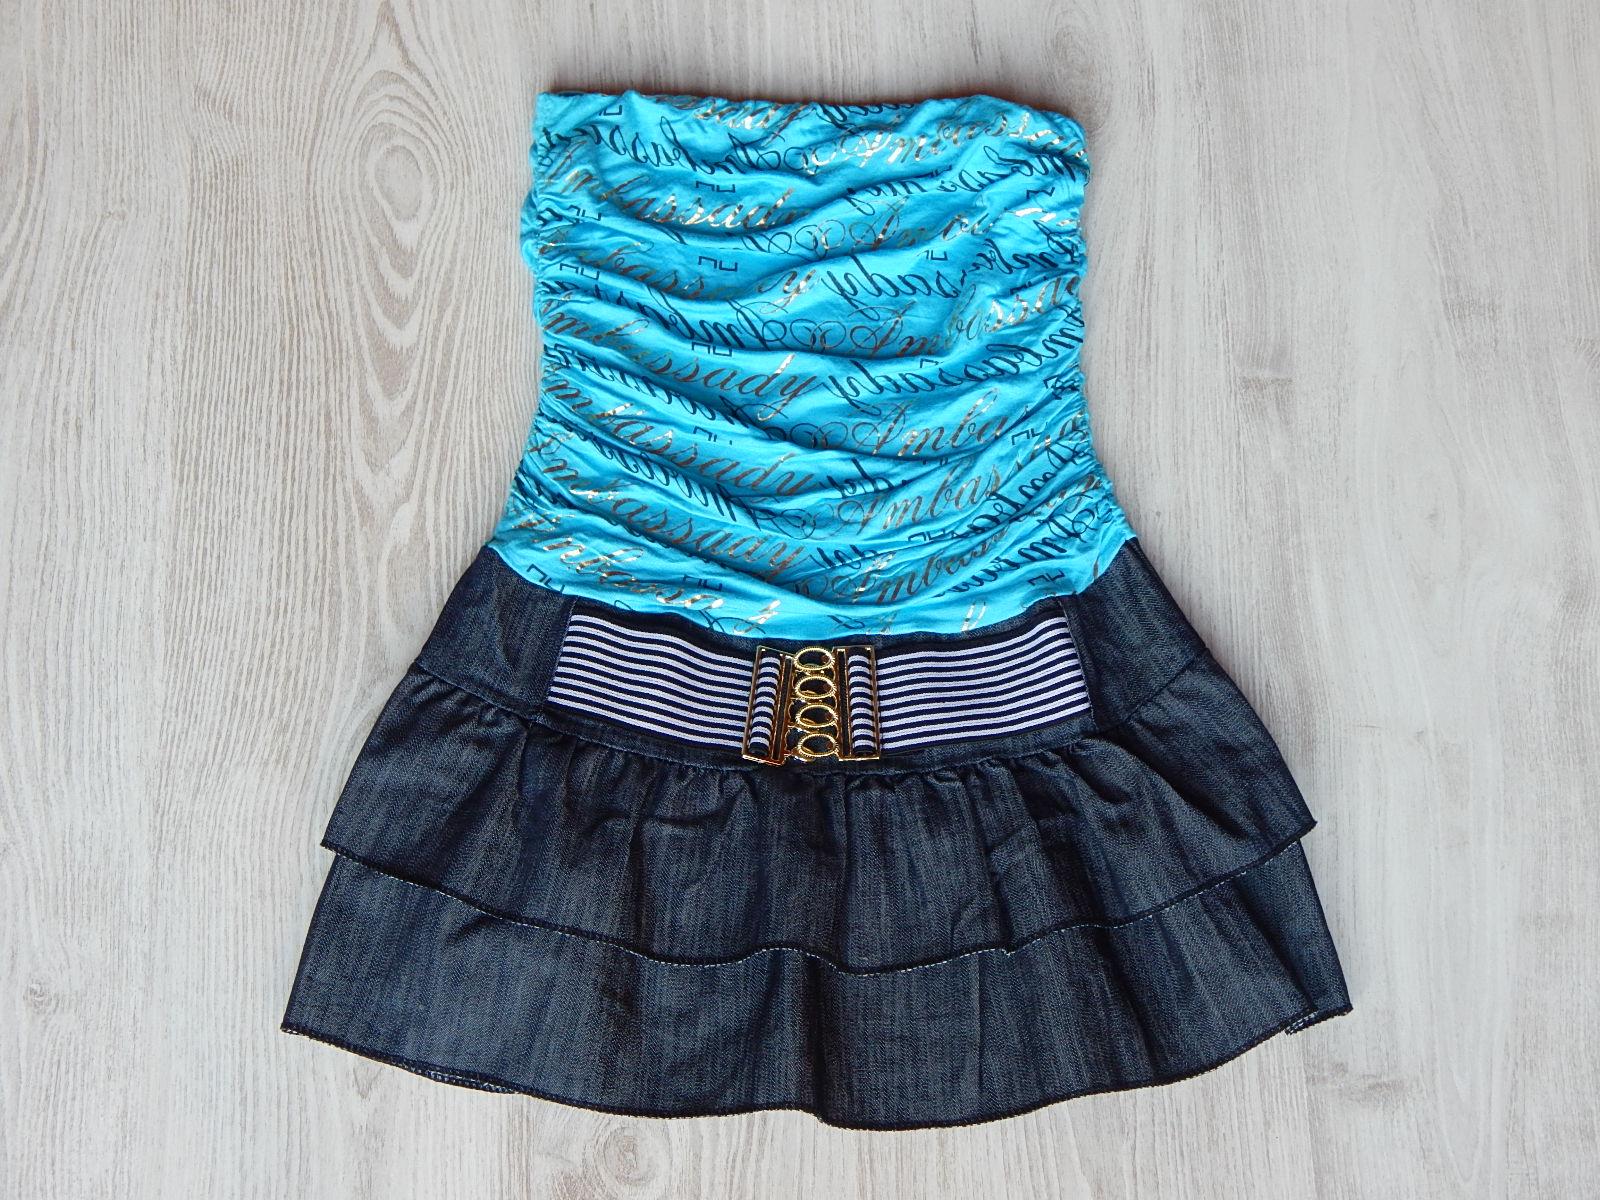 Pánt nélküli ruha  158-164 (13-14 év)   Lány ruhák     Lótusz ... b05049eaed